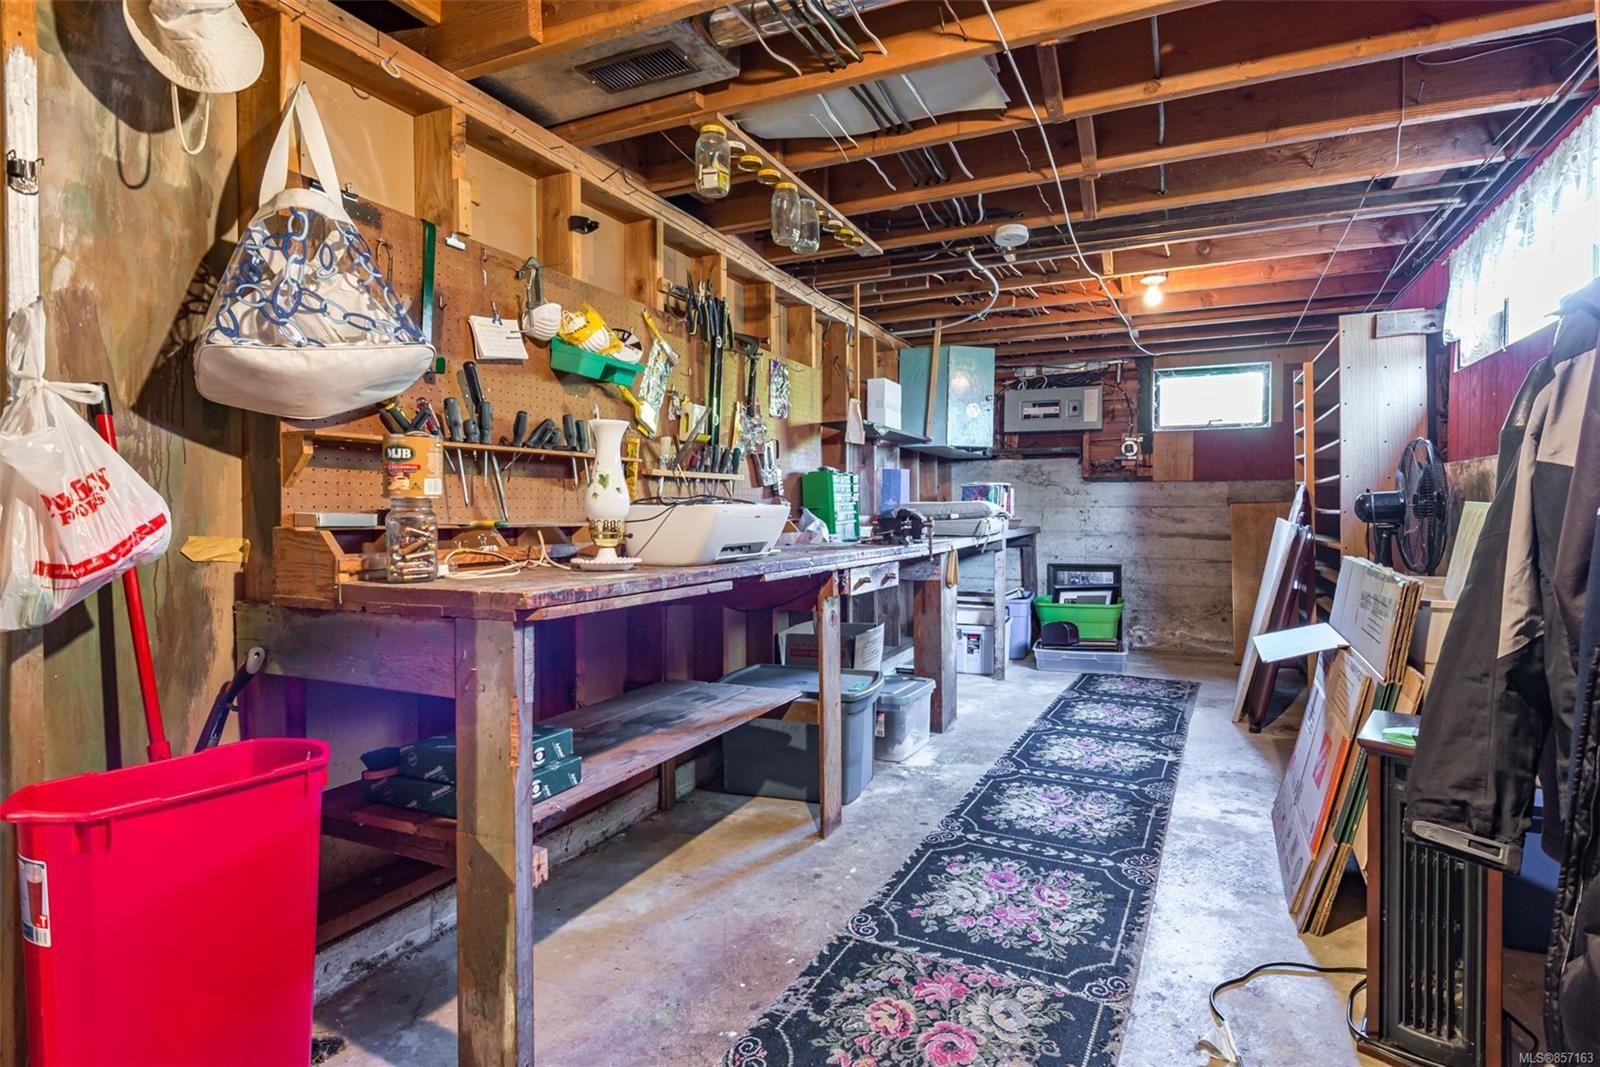 Photo 49: Photos: 4241 Buddington Rd in : CV Courtenay South House for sale (Comox Valley)  : MLS®# 857163